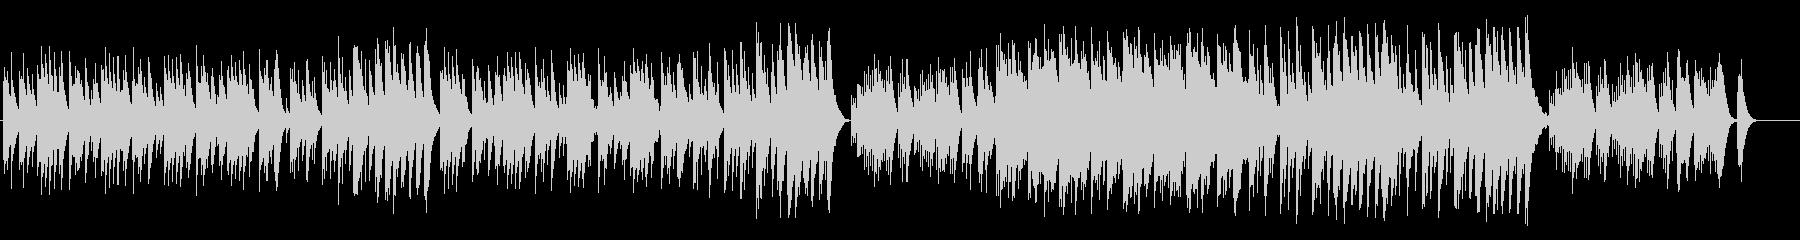 オルゴール 子供の寝顔 メルヘン 星空の未再生の波形